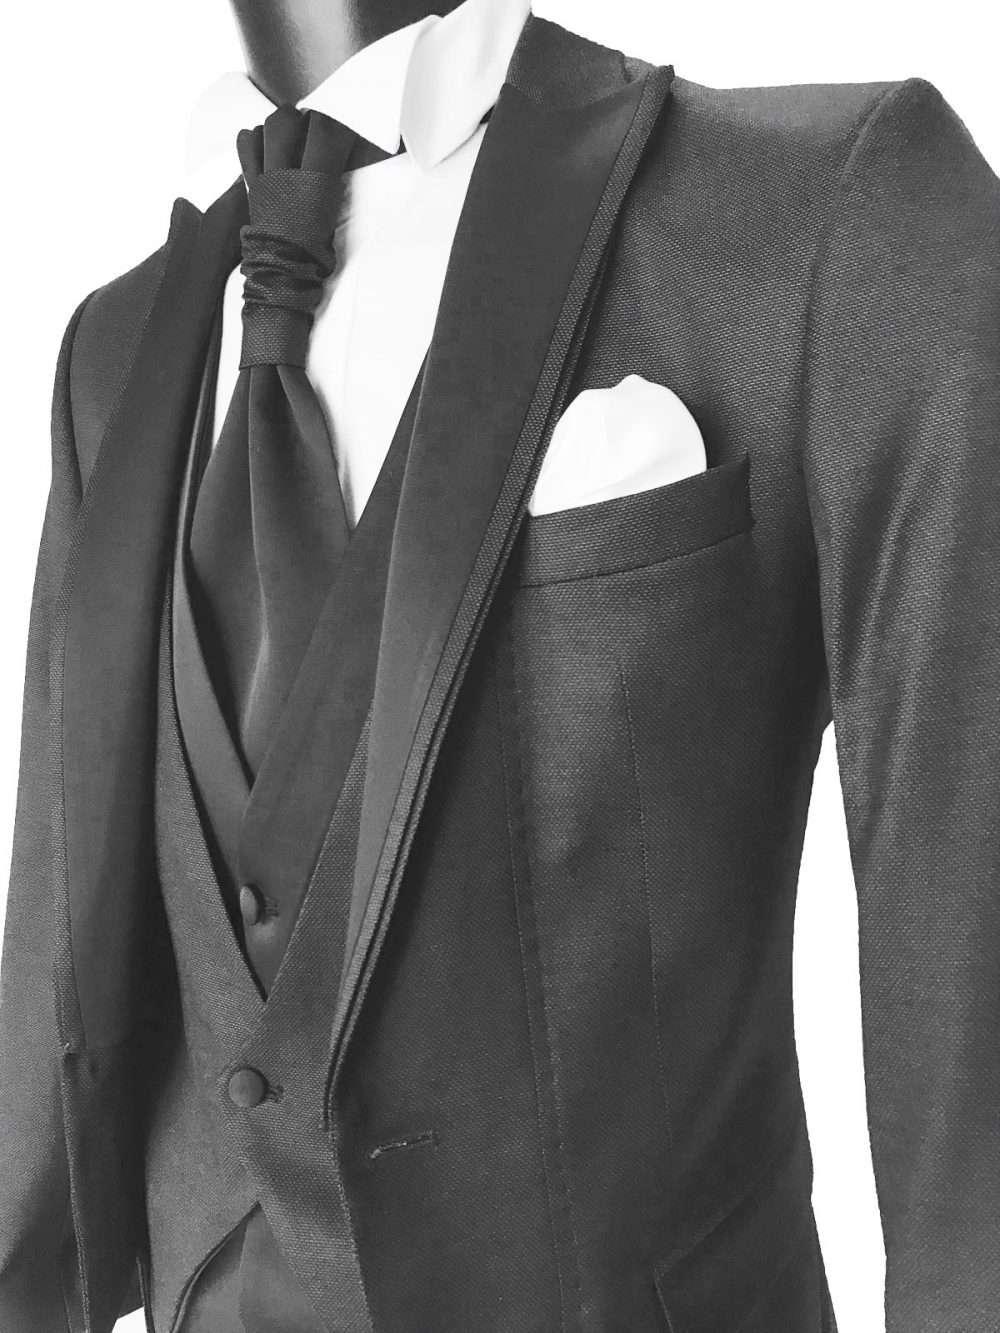 foto Abito da Sposo modello tight vestibilità slim fit Jon colore grigio